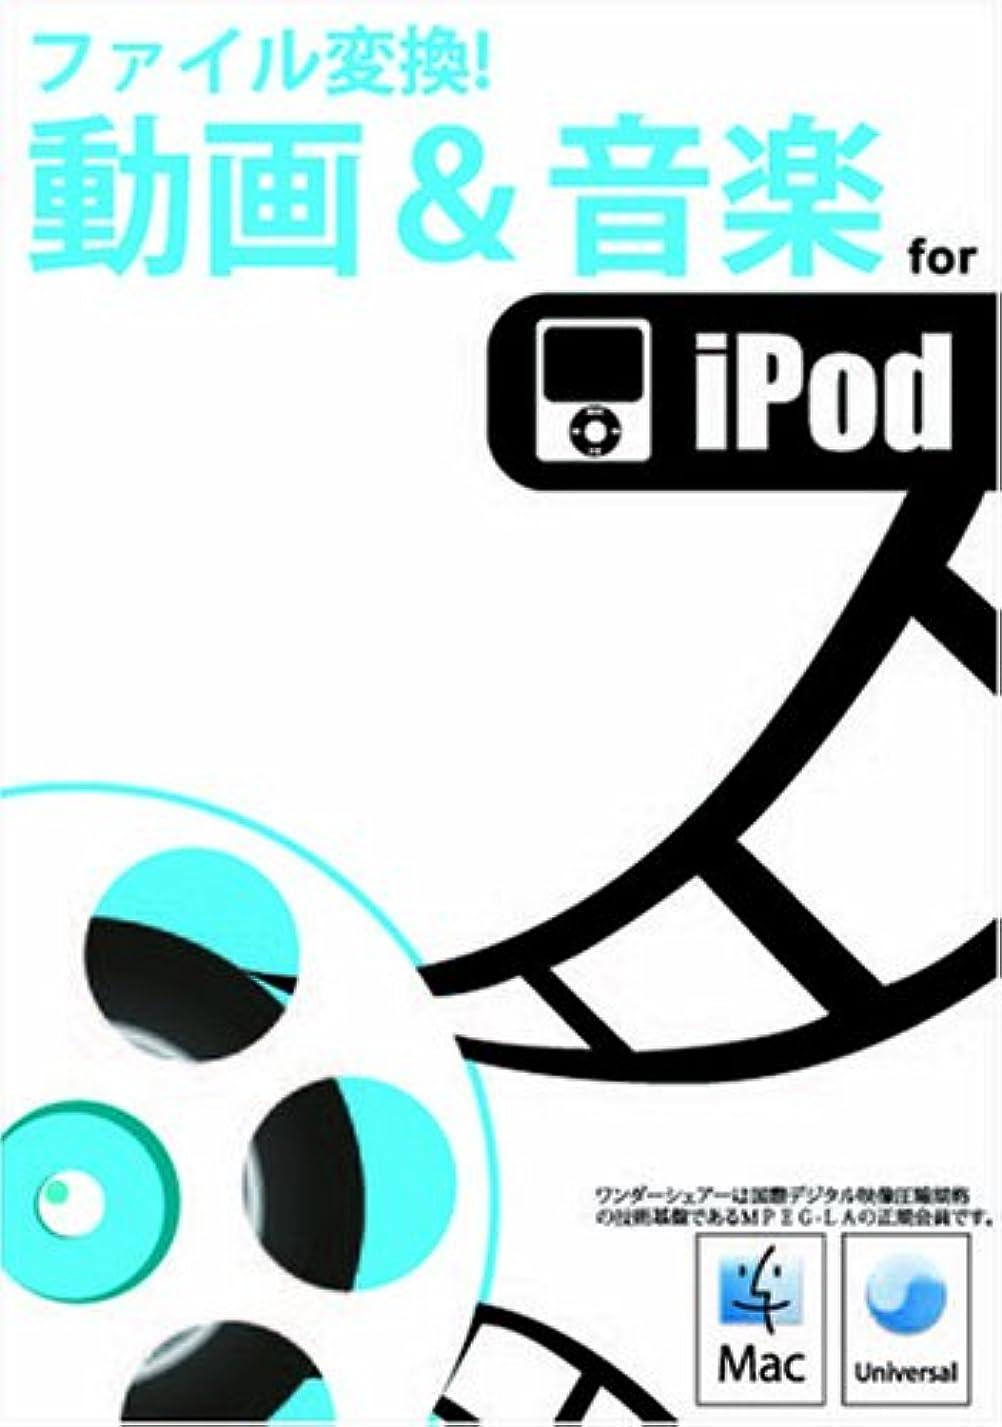 フォーラムスポーツの試合を担当している人もっと少なくWondershare ファイル変換!動画&音楽 for iPod (Mac)